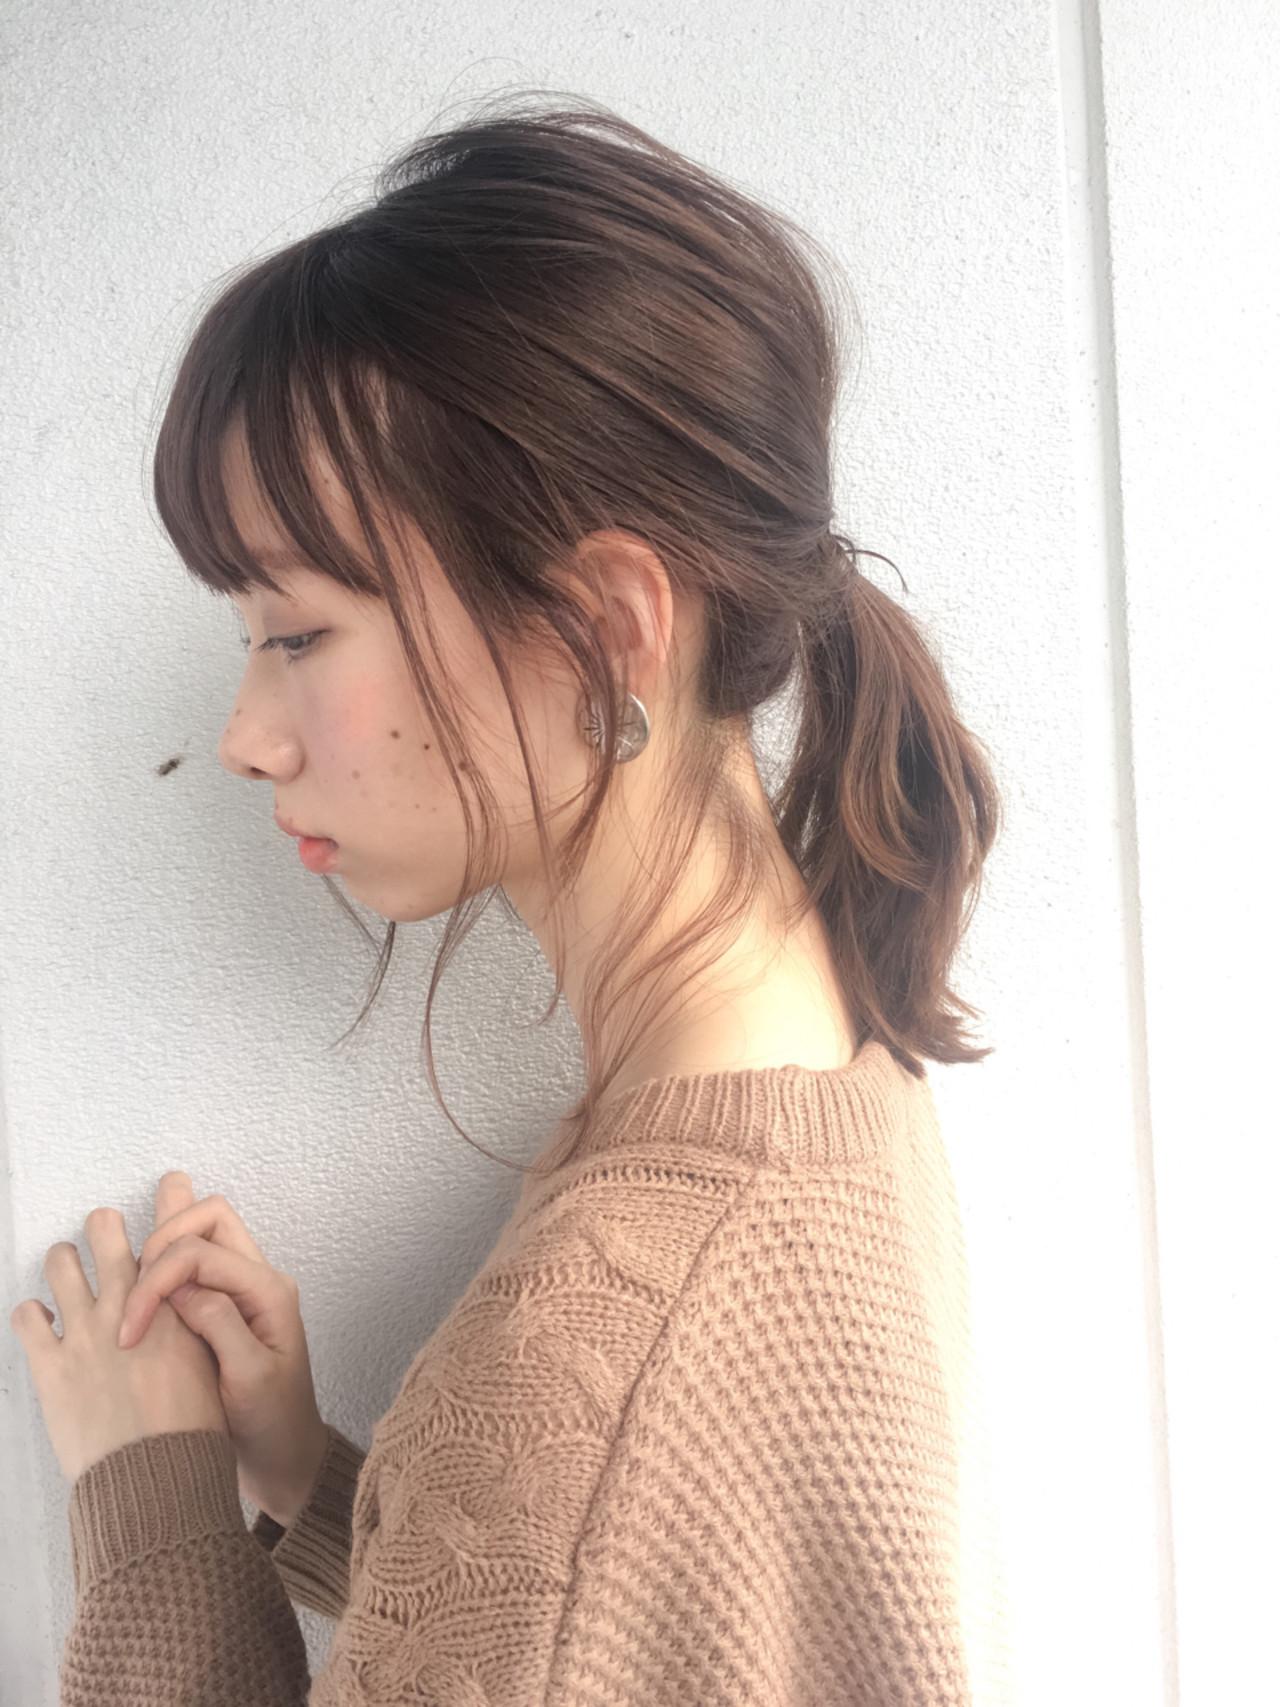 シーンを選ばない!人気のゆるふわポニーテール♪ GARDEN harajyuku 細田